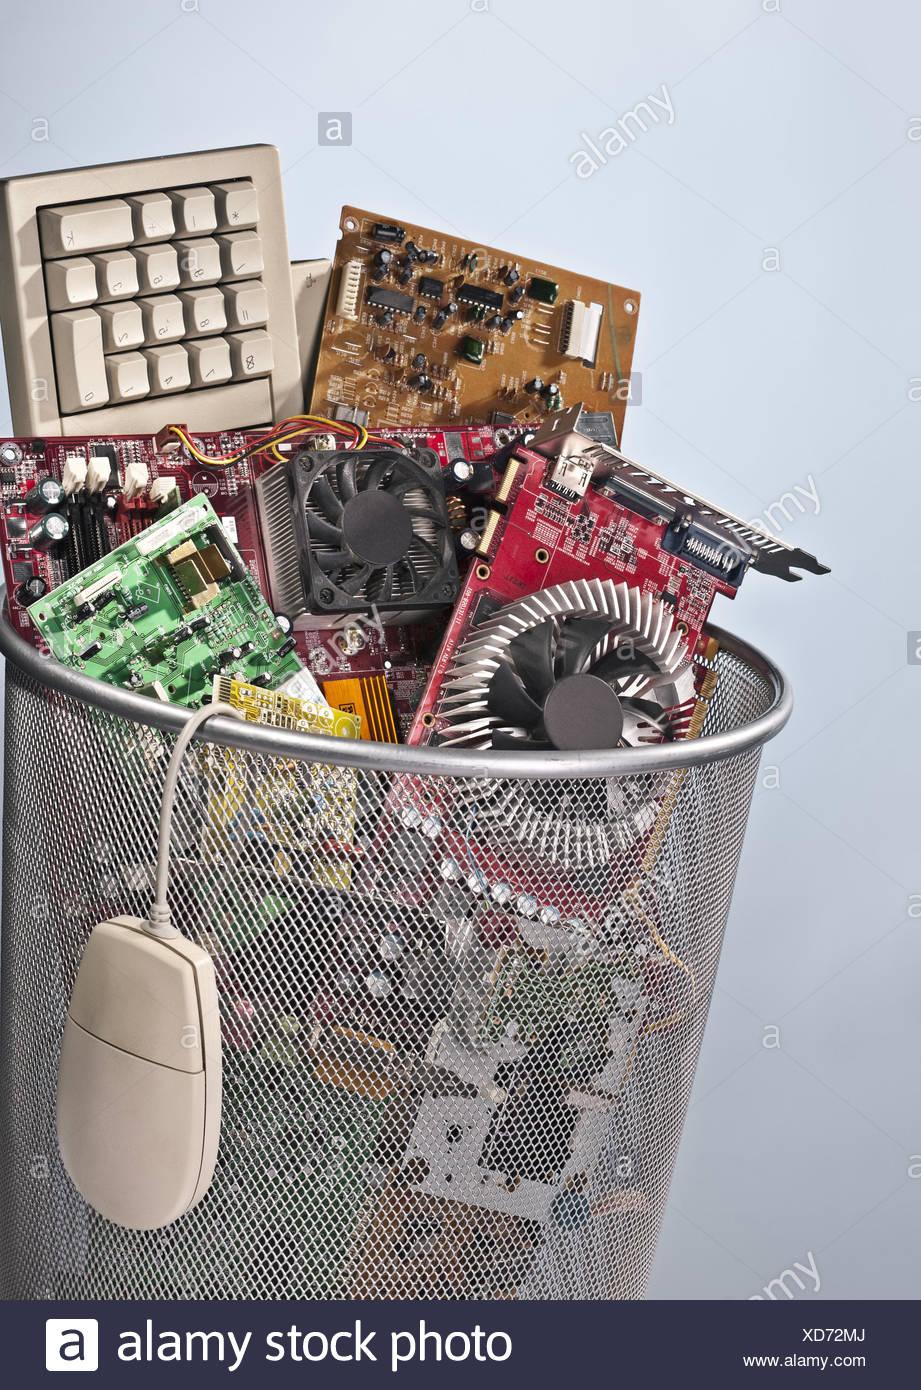 Corbeille à papier plein de déchets électroniques Photo Stock